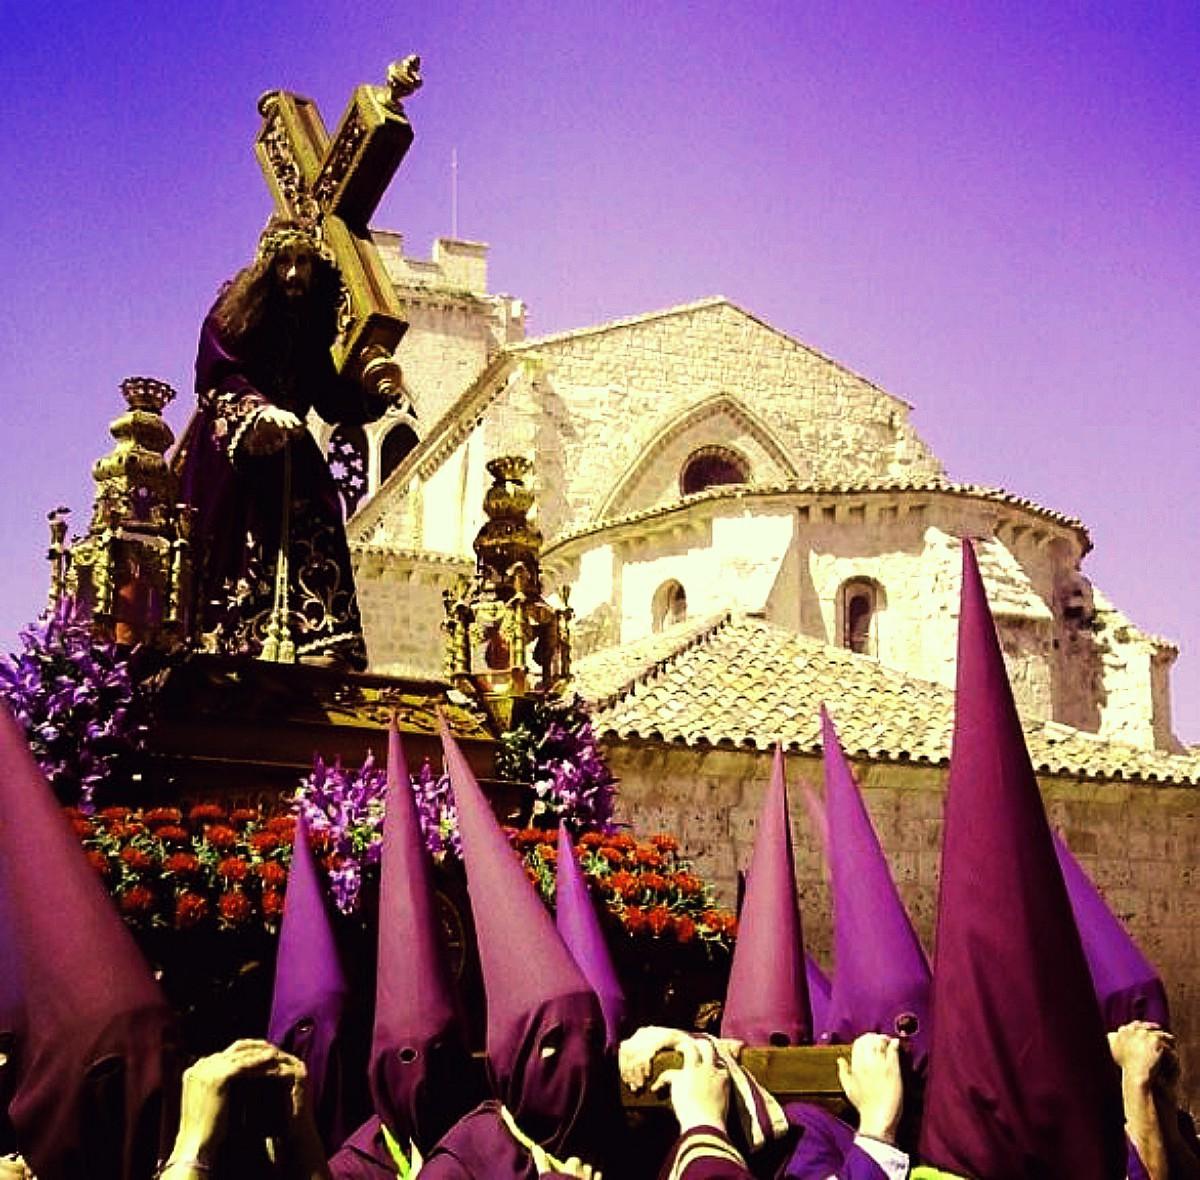 Procesiones Semana Santa en Palencia 2017: Horarios e Itinerarios (Foto de archivo)